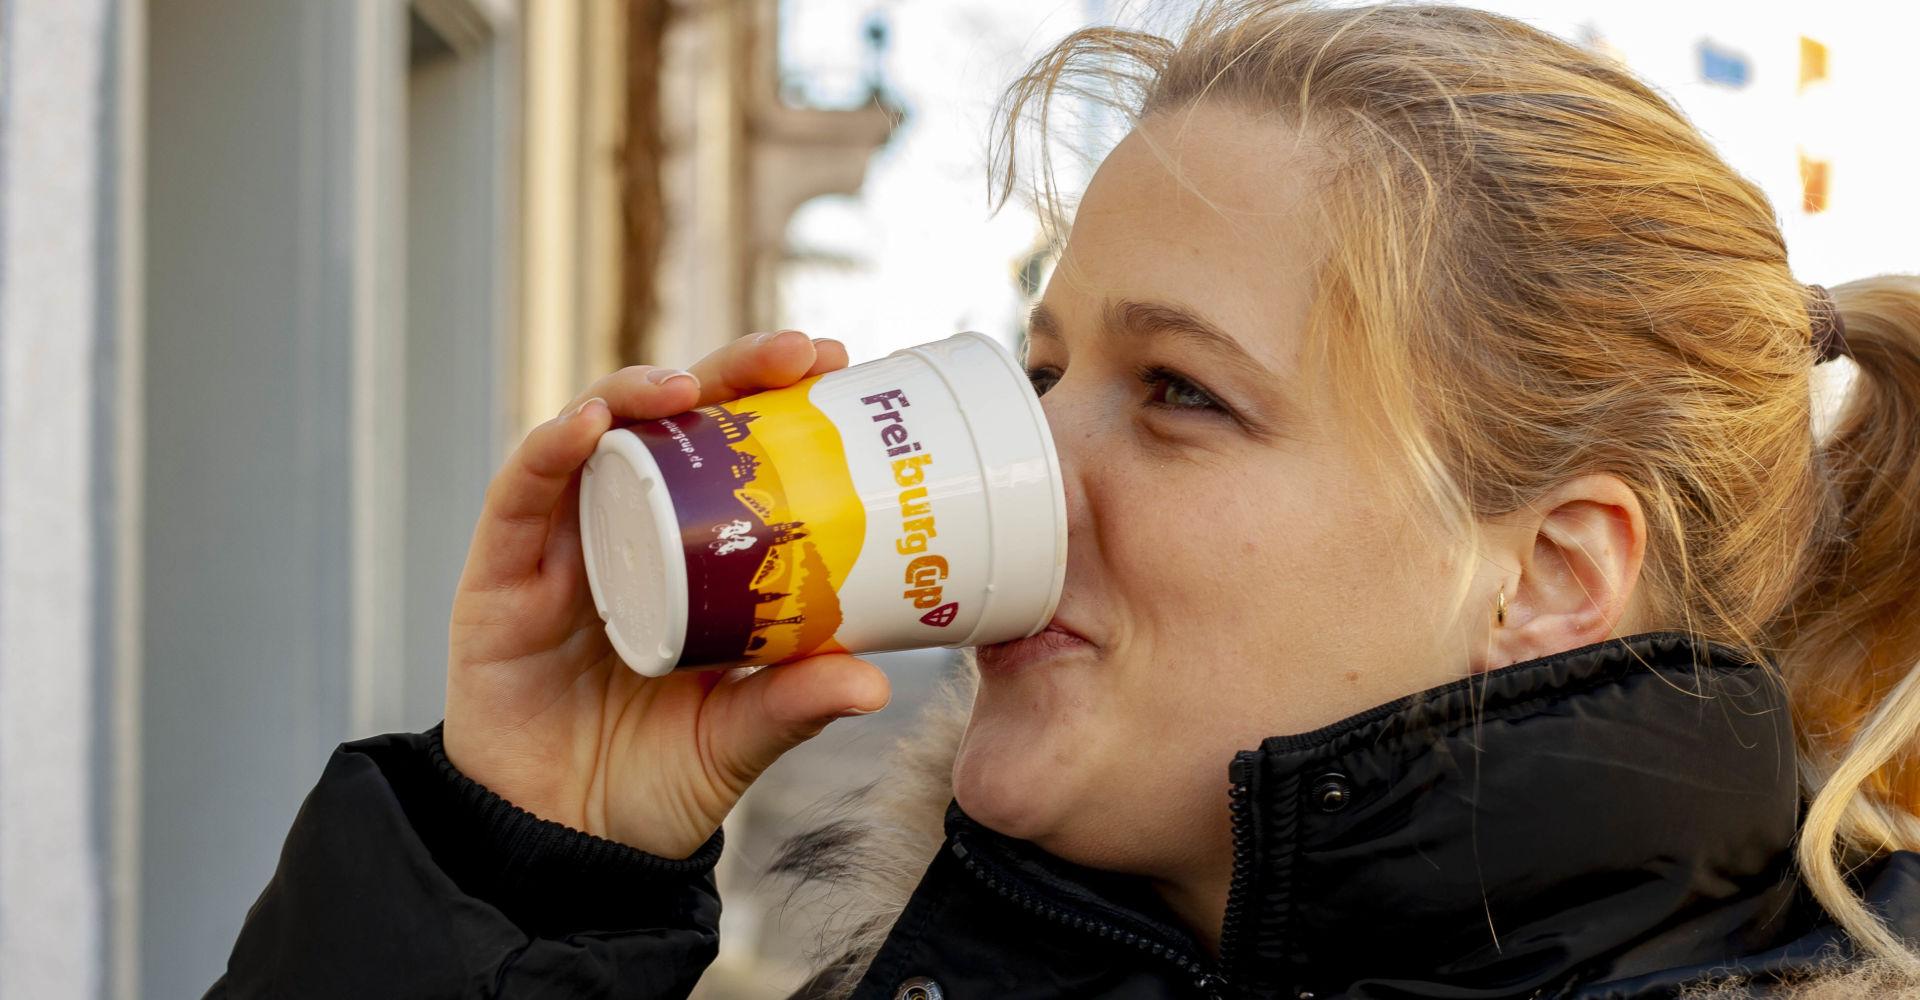 Anzeige: Ein Streifzug durch Freiburg für Nähnerds mit nachhaltigem Lifestyle